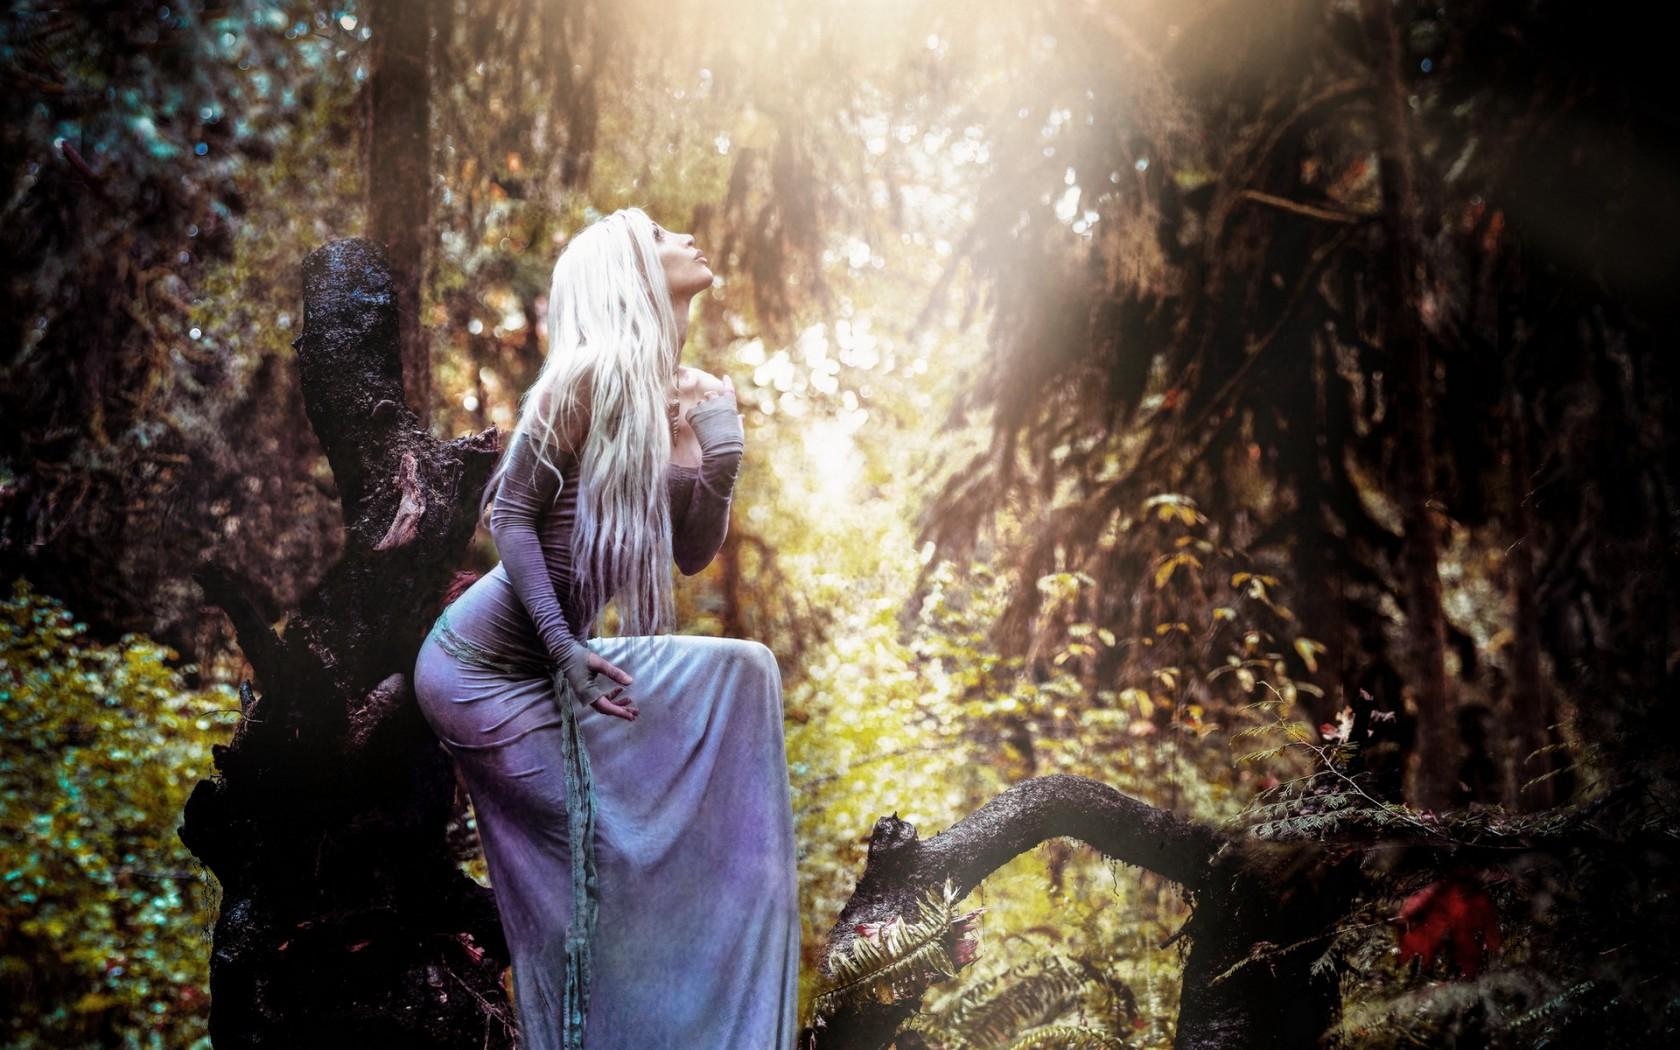 Картинка девушки с длинными светлыми волосами